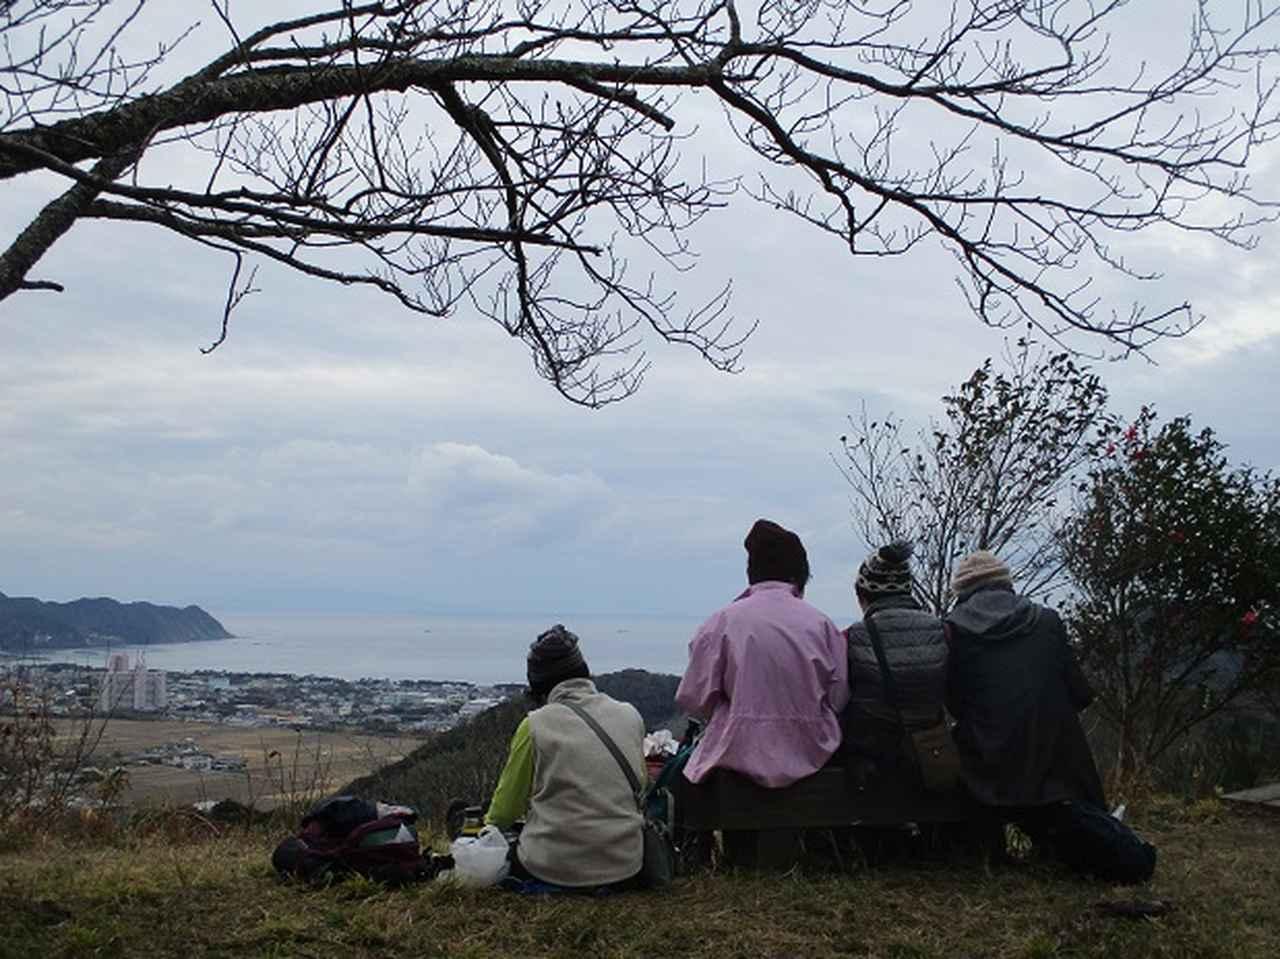 画像13: 新年1本目は房総の 「とみやま水仙遊歩道」 へ1月15日に 行って来ました♪